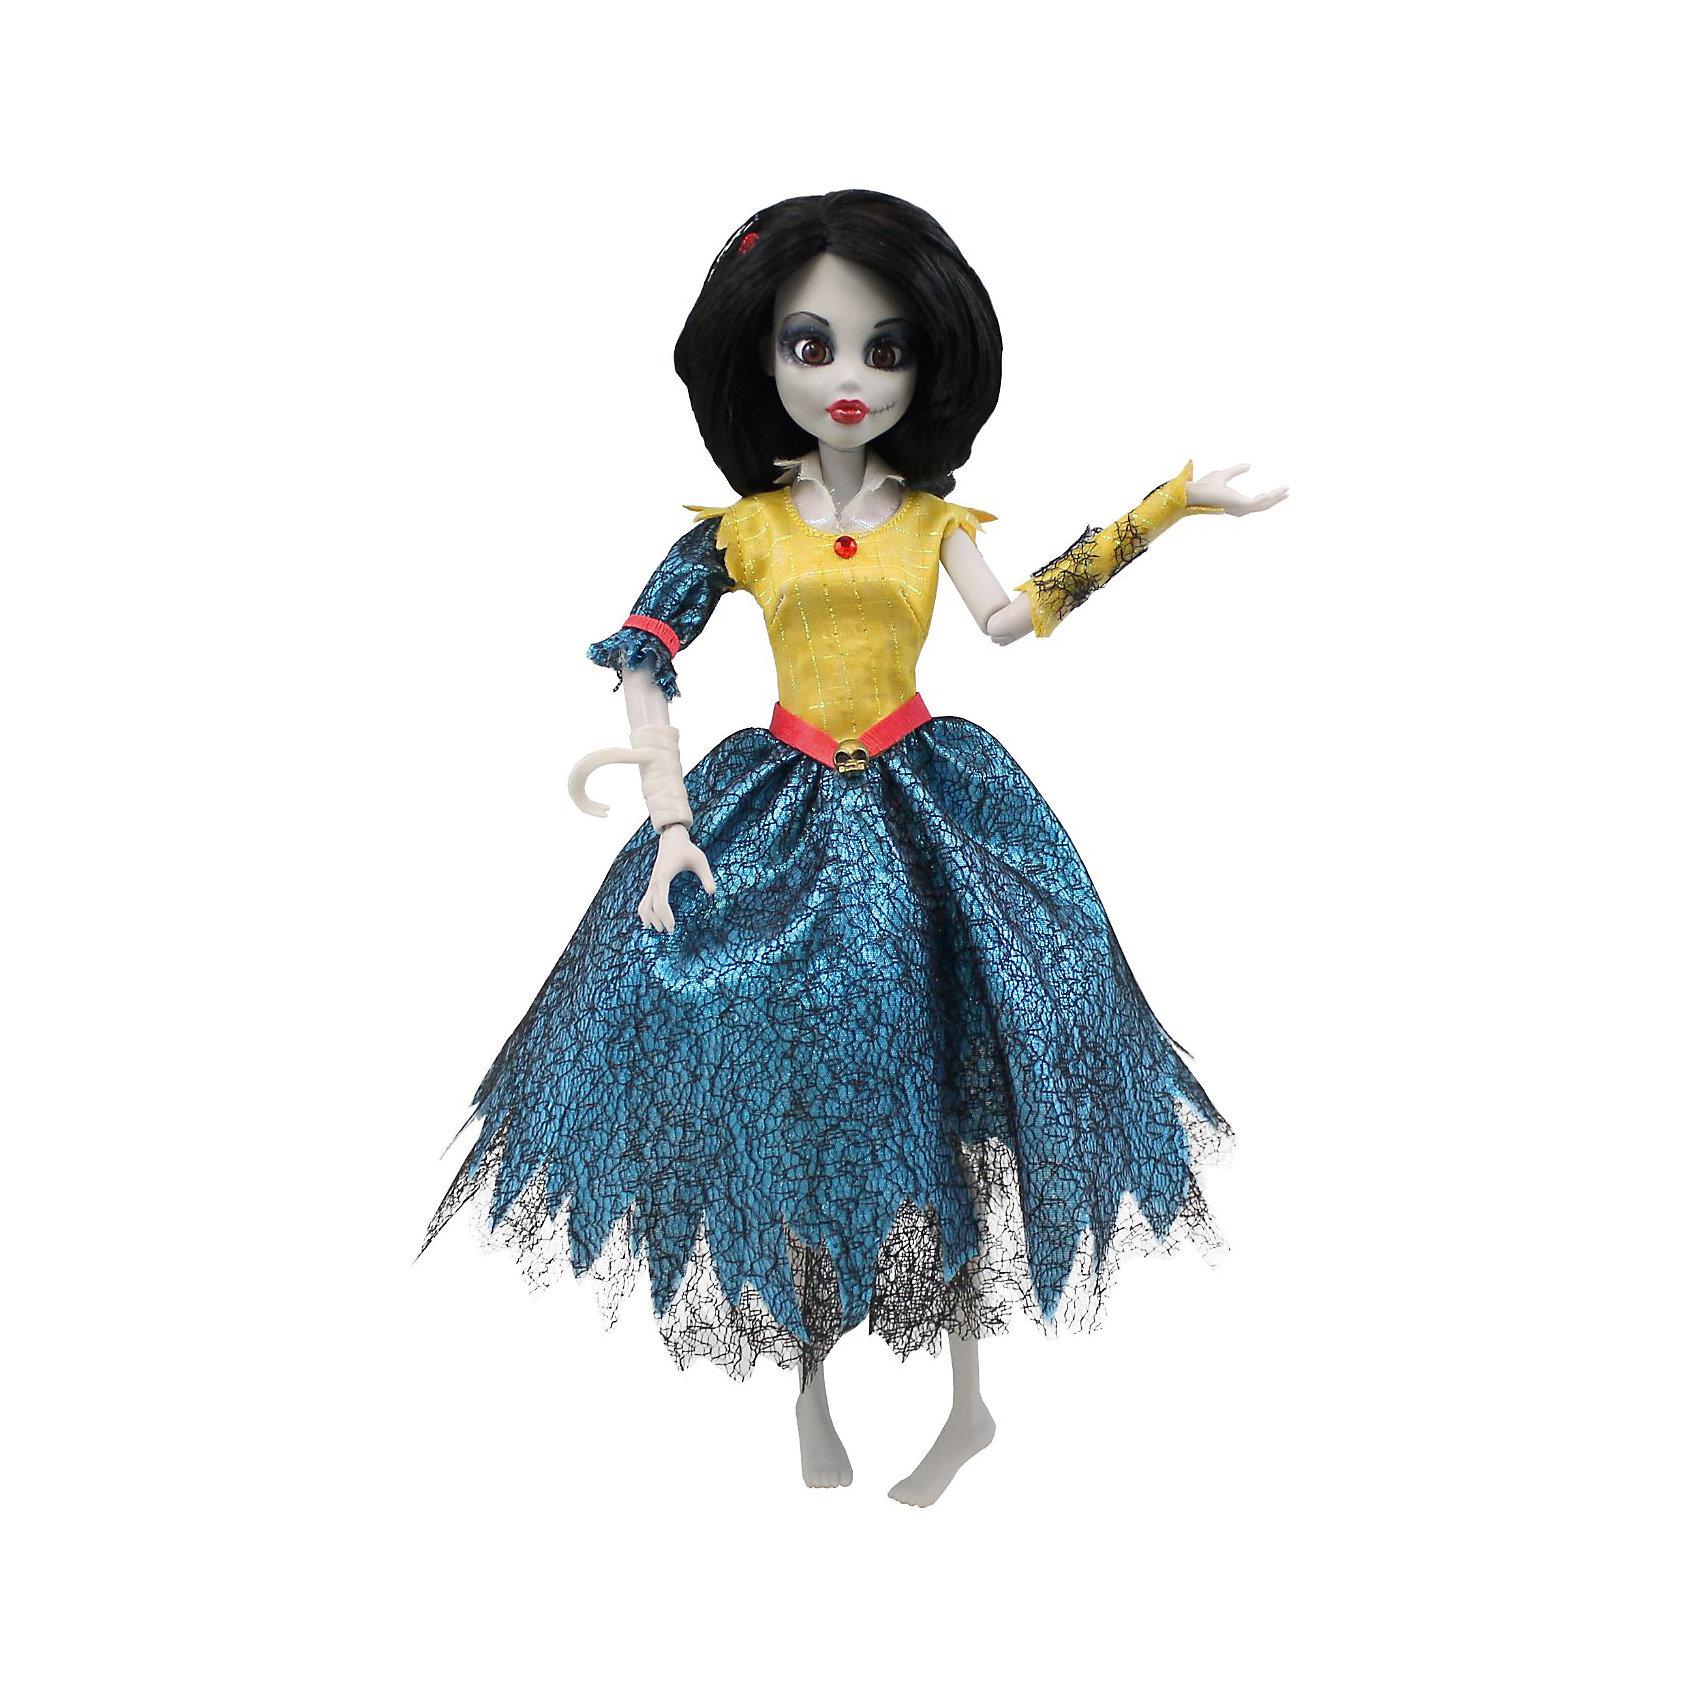 Кукла Зомби Белоснежка, WowWeeКукла Зомби: Белоснежка от WowWee - это сказочный персонаж , превращенный в загадочную и холодную принцессу-зомби. Несмотря на превращение, принцесса не утратила своей красоты, даже наоборот, приобрела определенный потусторонний шарм и очарование. Темные волосы куклы уложены в изысканную прическу. Белоснежка одета в прекрасное  платье с приталенным желтым лифом, пышной синей юбкой и подъюбником из сетки. Собери всю коллекцию принцесс-зомби и устрой незабываемый бал!<br><br>Дополнительная информация:<br><br>- Материал: пластик, текстиль.<br>- Высота куклы: 28 см.<br>- Комплектация: кукла, расческа, подставка.<br>- Руки, ноги, голова куклы подвижные.<br><br>Куклу Зомби: Белоснежку, WowWee, можно купить в нашем магазине.<br><br>Ширина мм: 150<br>Глубина мм: 70<br>Высота мм: 350<br>Вес г: 150<br>Возраст от месяцев: 72<br>Возраст до месяцев: 168<br>Пол: Женский<br>Возраст: Детский<br>SKU: 4134077